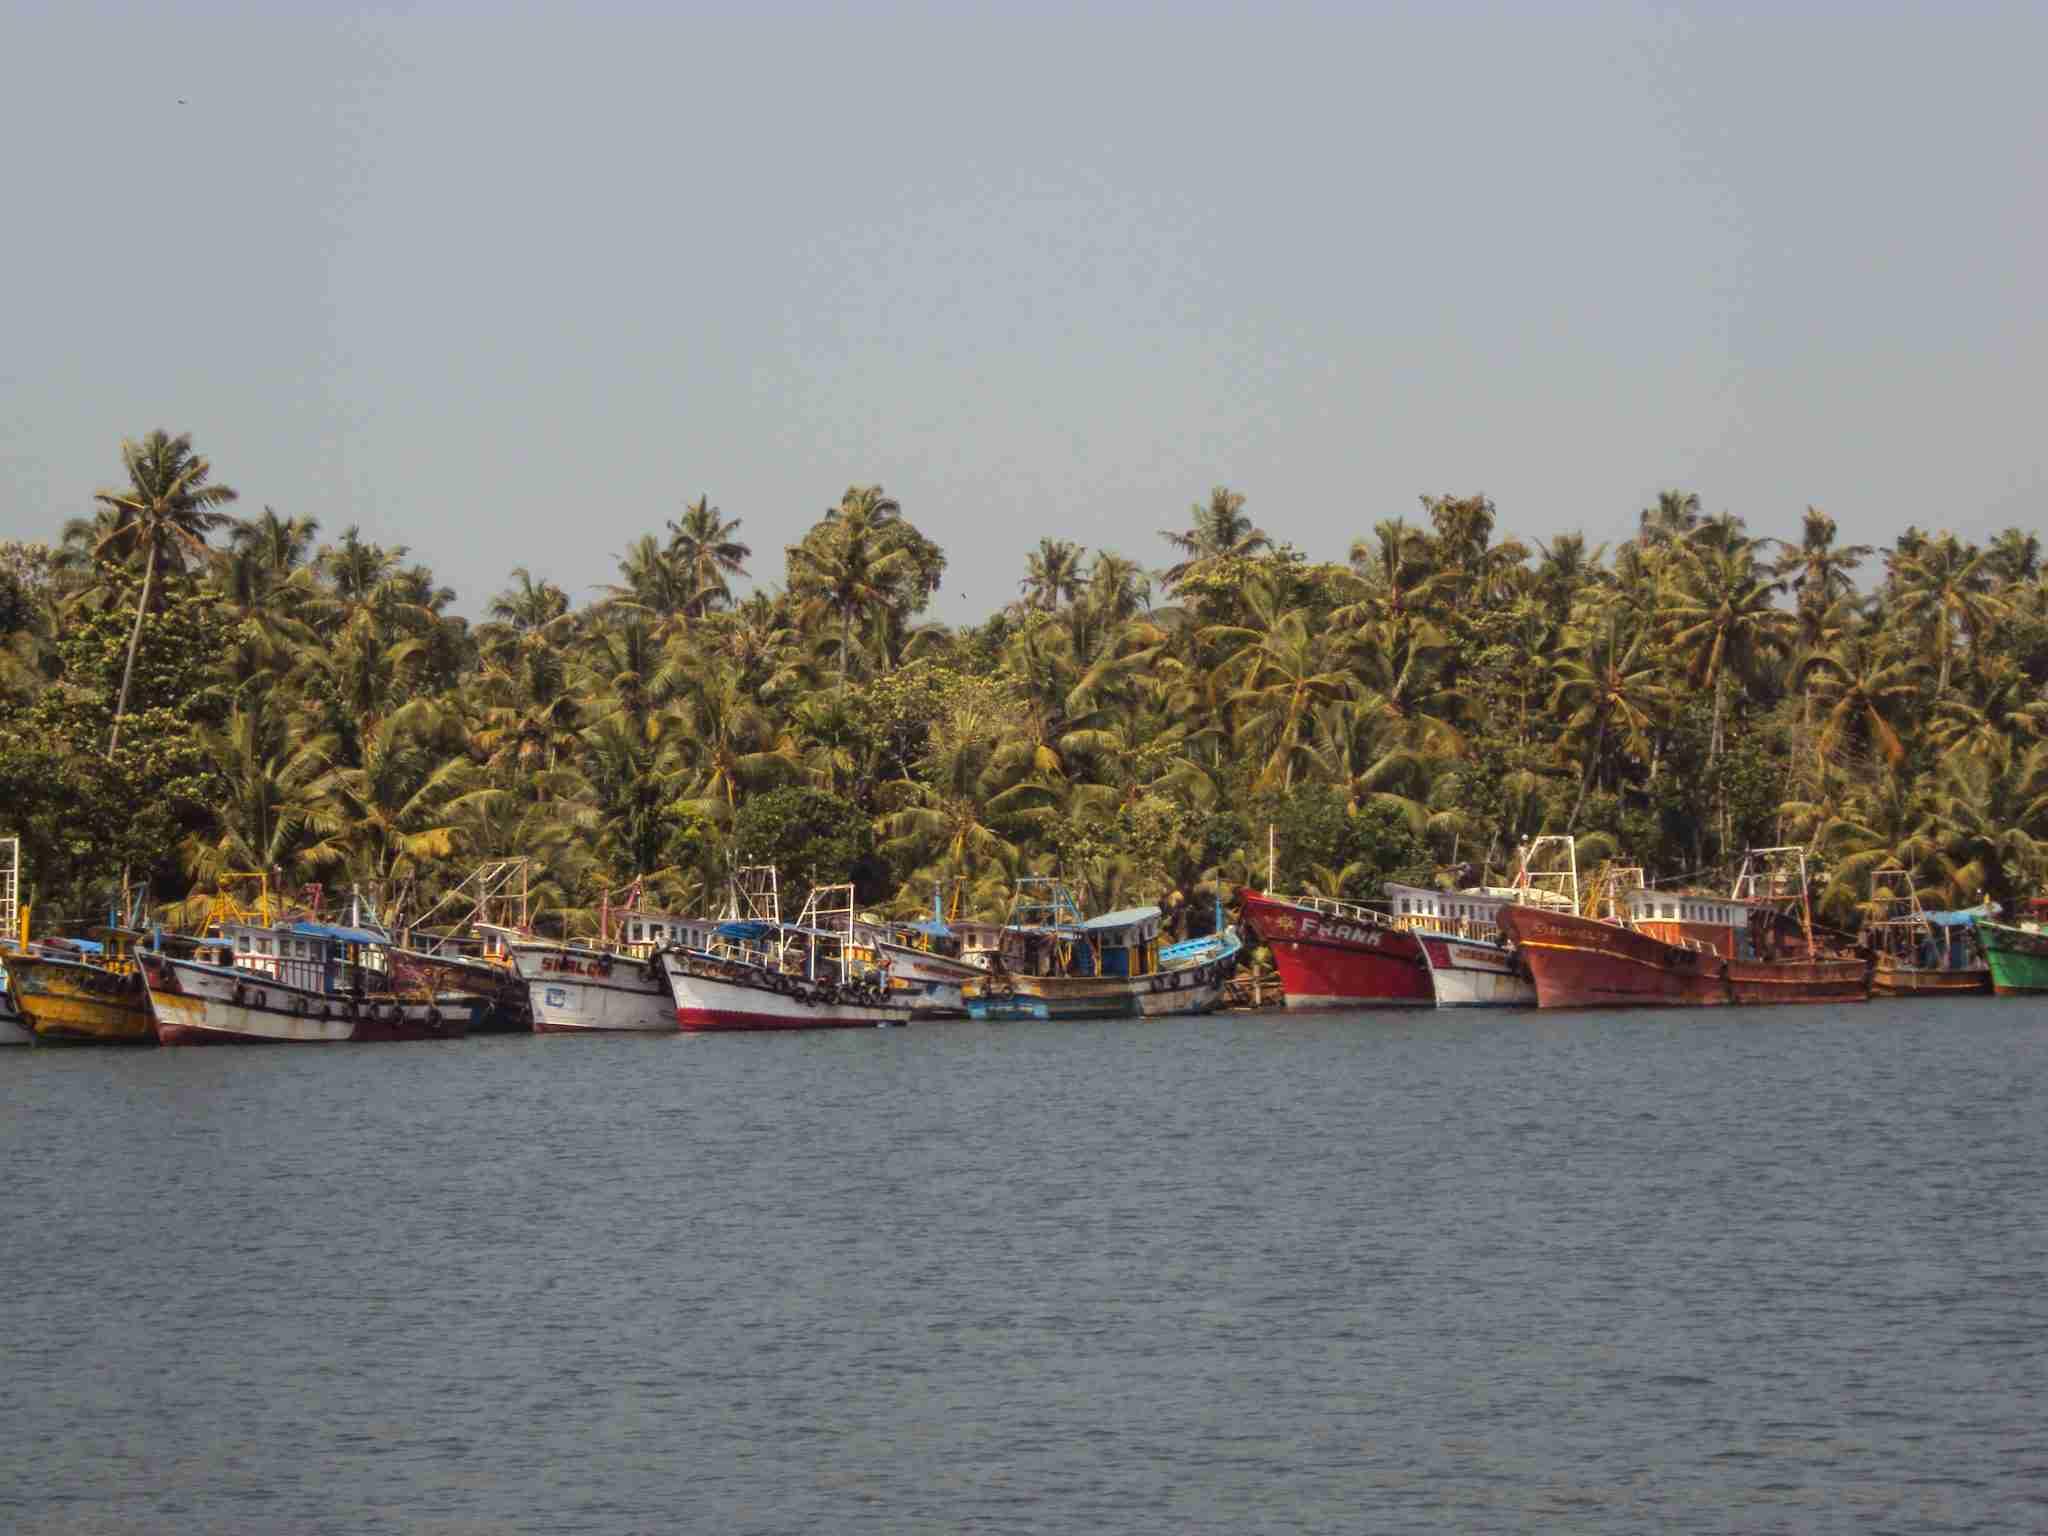 Ship parade on the shore